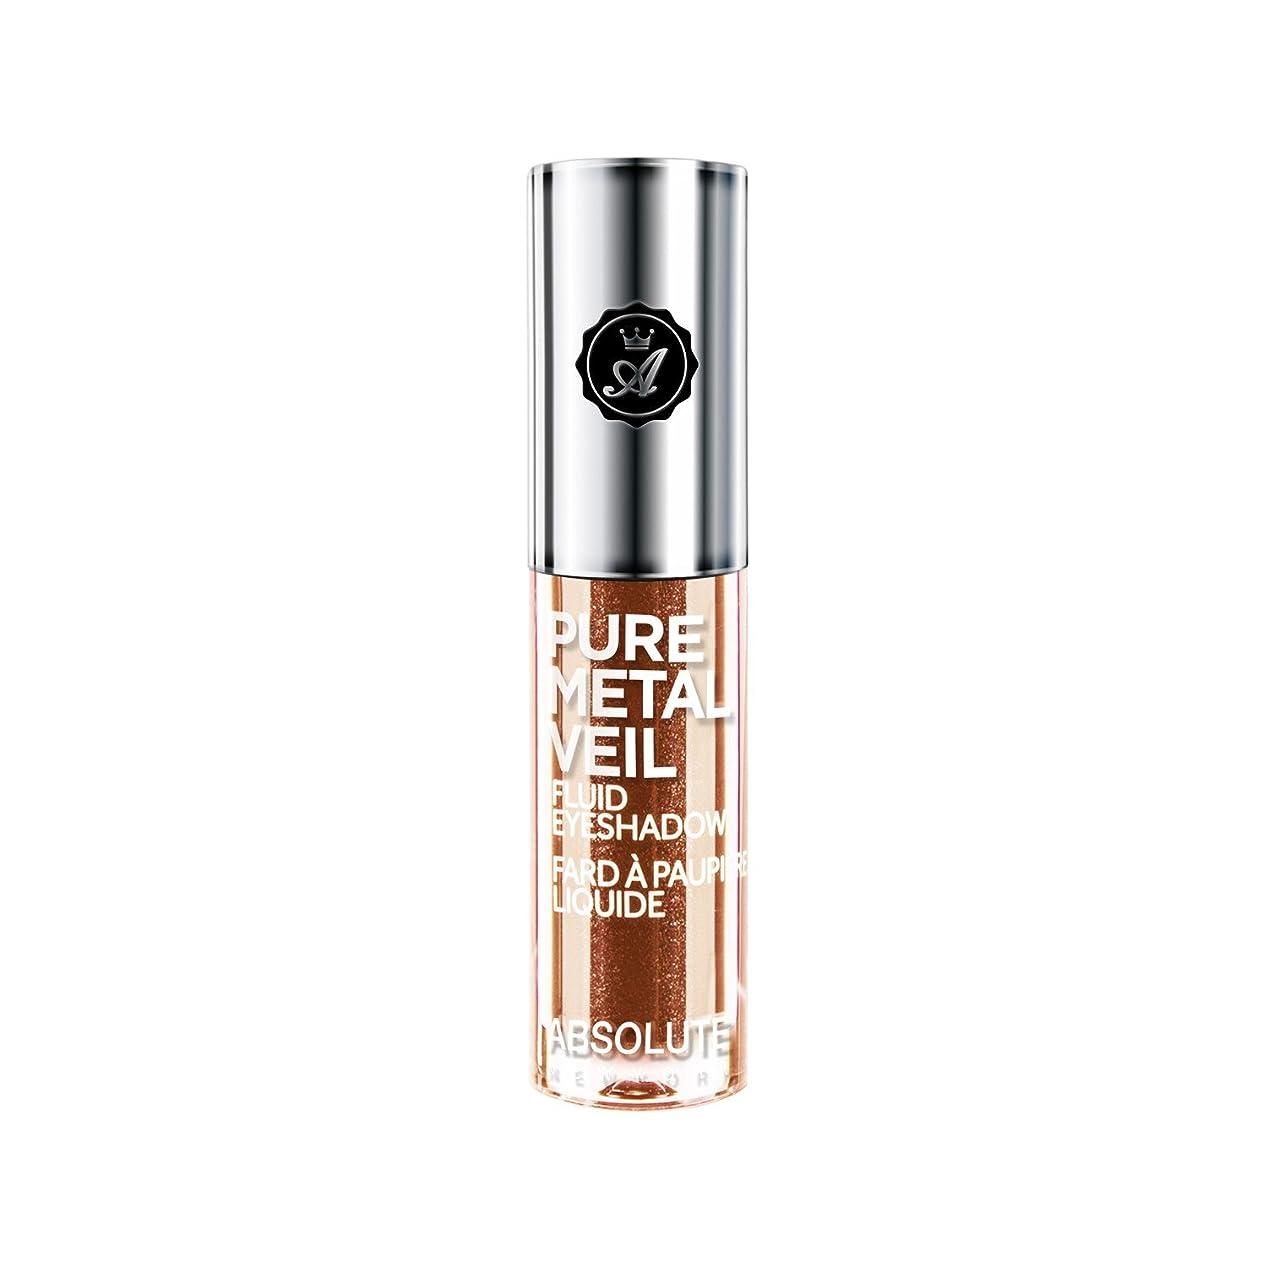 不愉快に多様性岩ABSOLUTE Pure Metal Veil Fluid Eyeshadow - Blingin Bronze (並行輸入品)